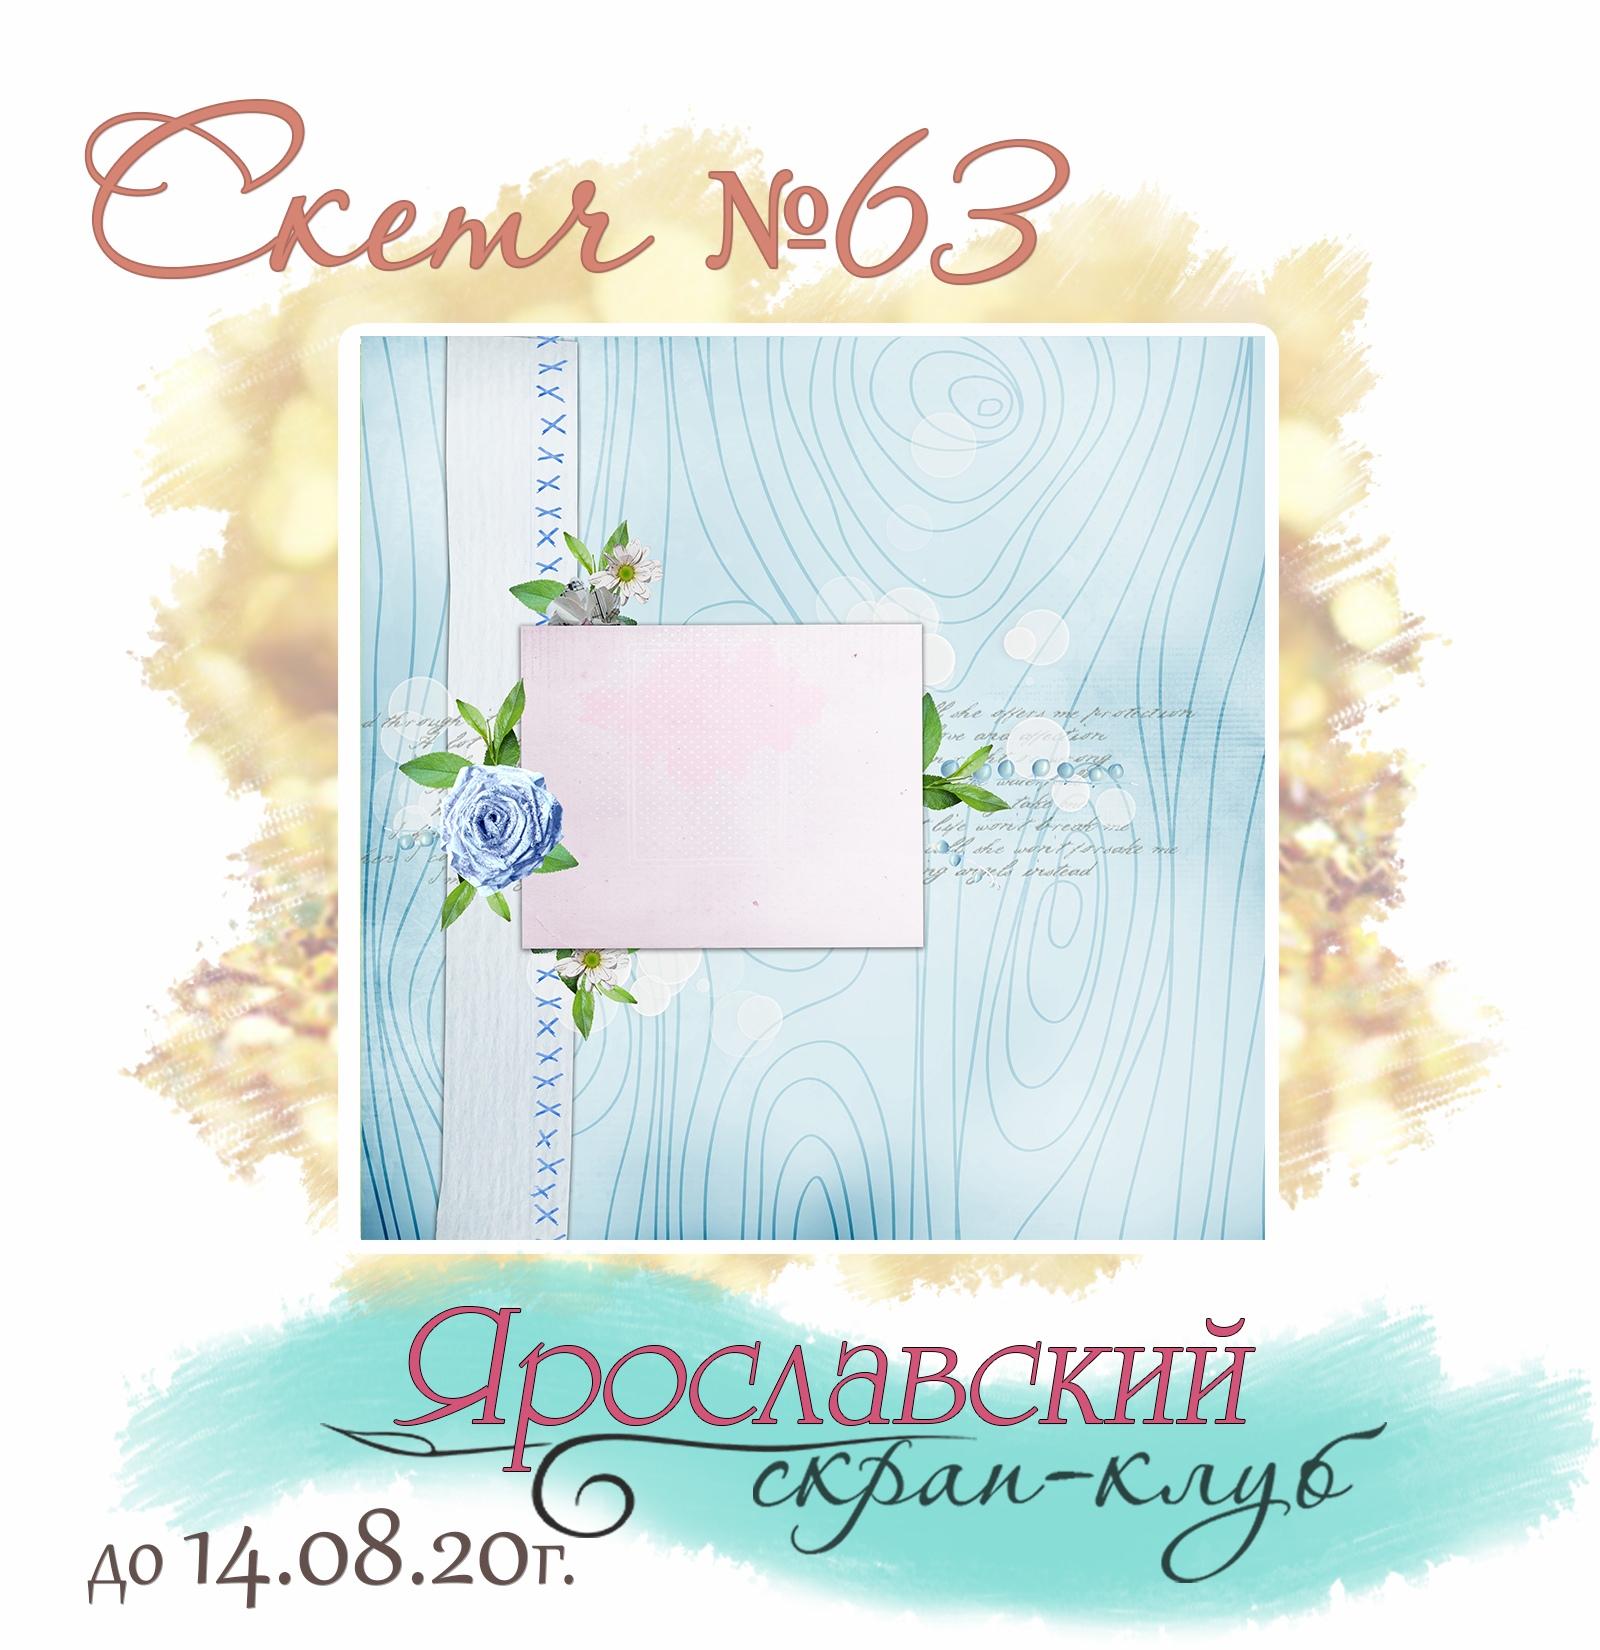 Скетч № 63 до 14.08.2020